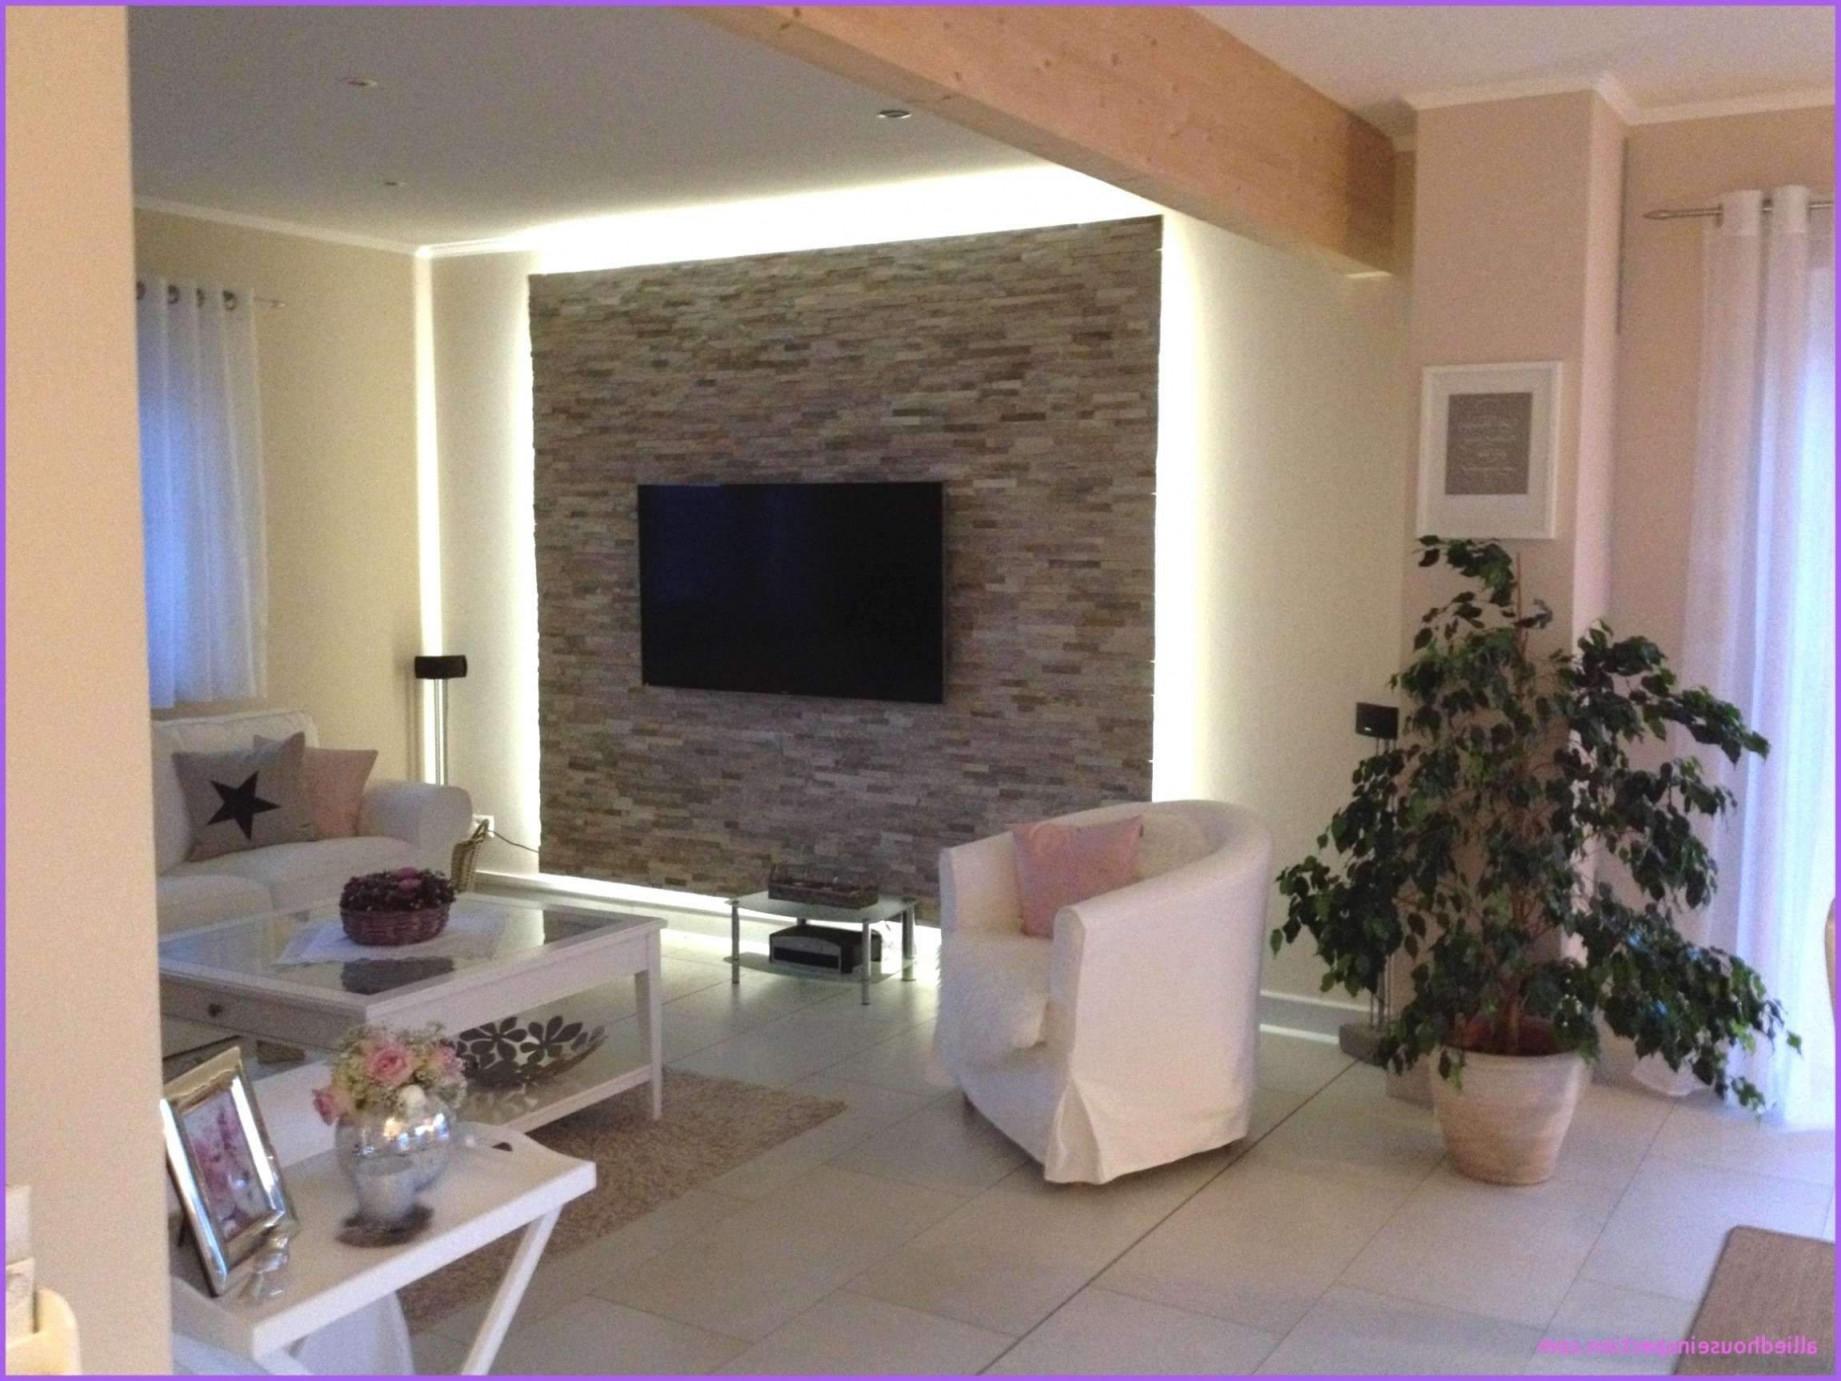 32 Das Beste Von Wohnzimmer Tapeten Ideen Reizend von Tapeten Wohnzimmer Ideen Bild